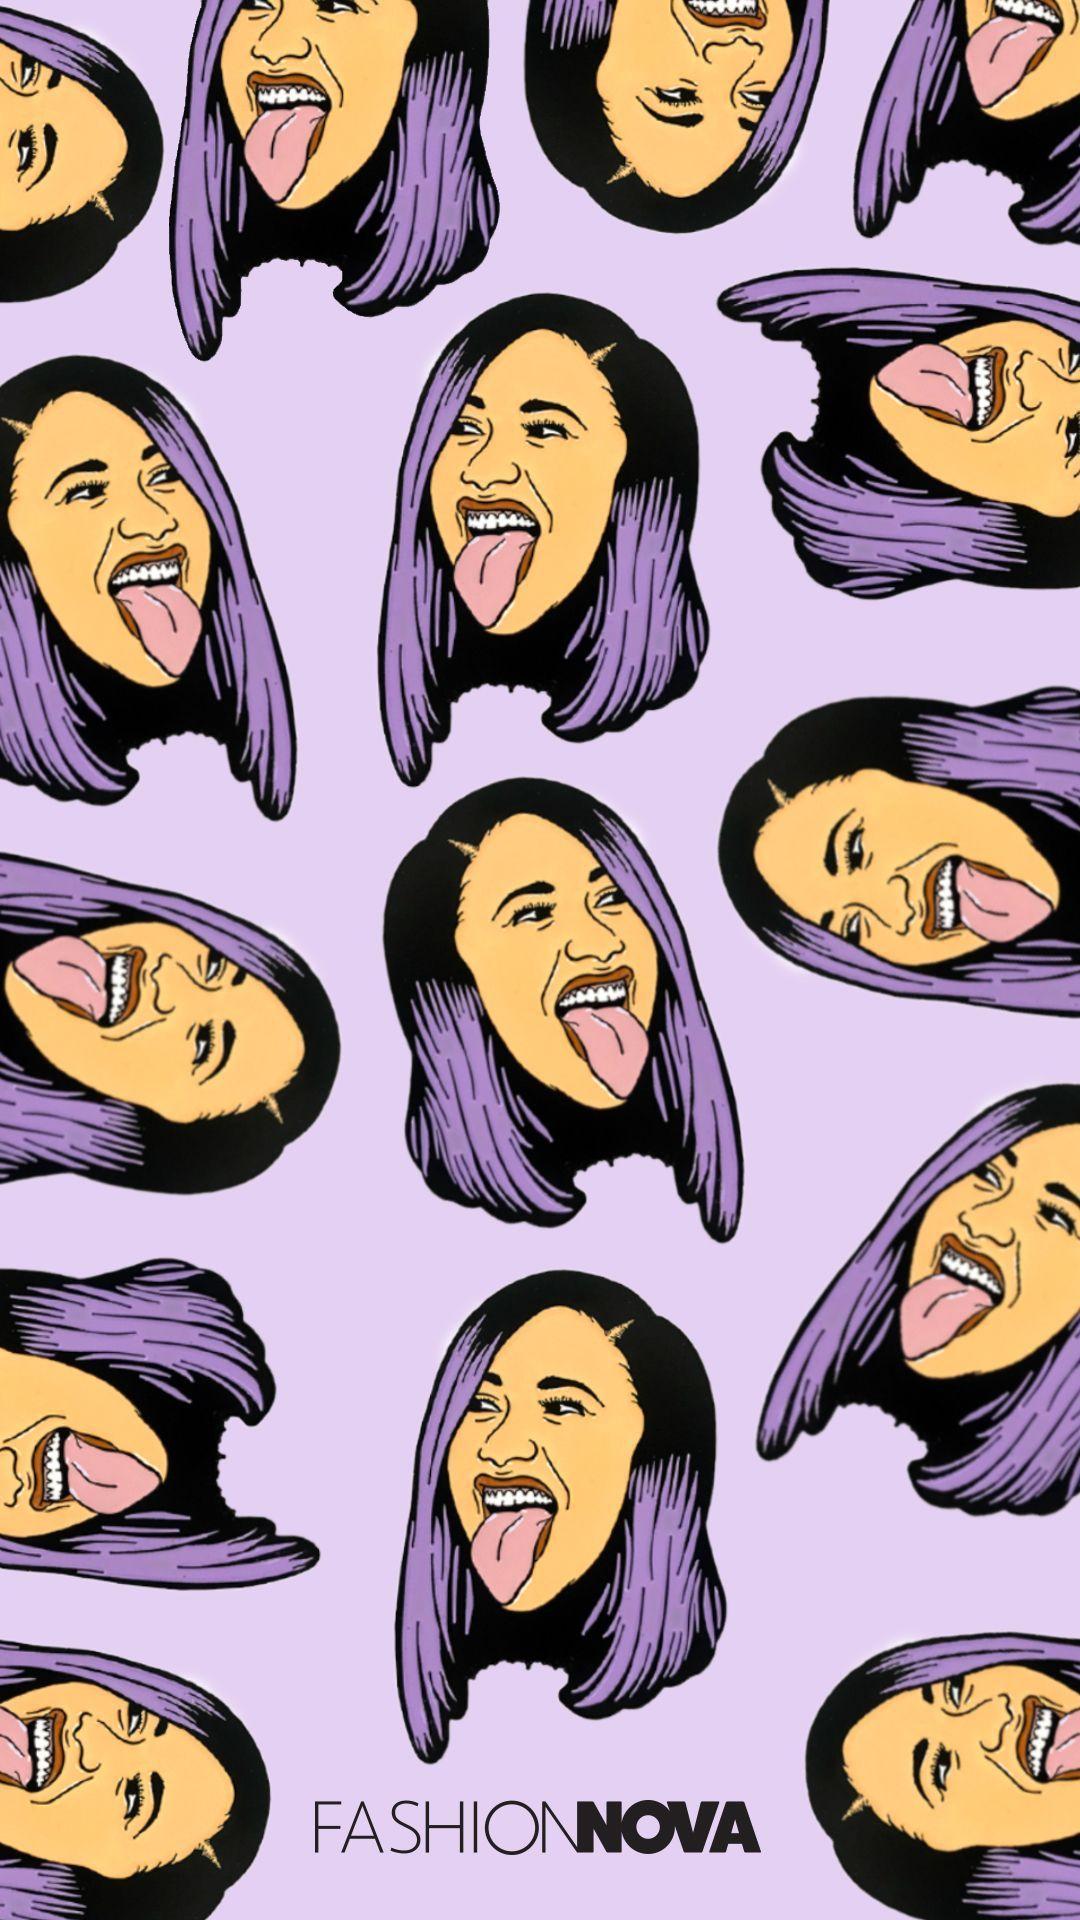 Cardi B Cartoon: Cardi B Cartoon Wallpapers